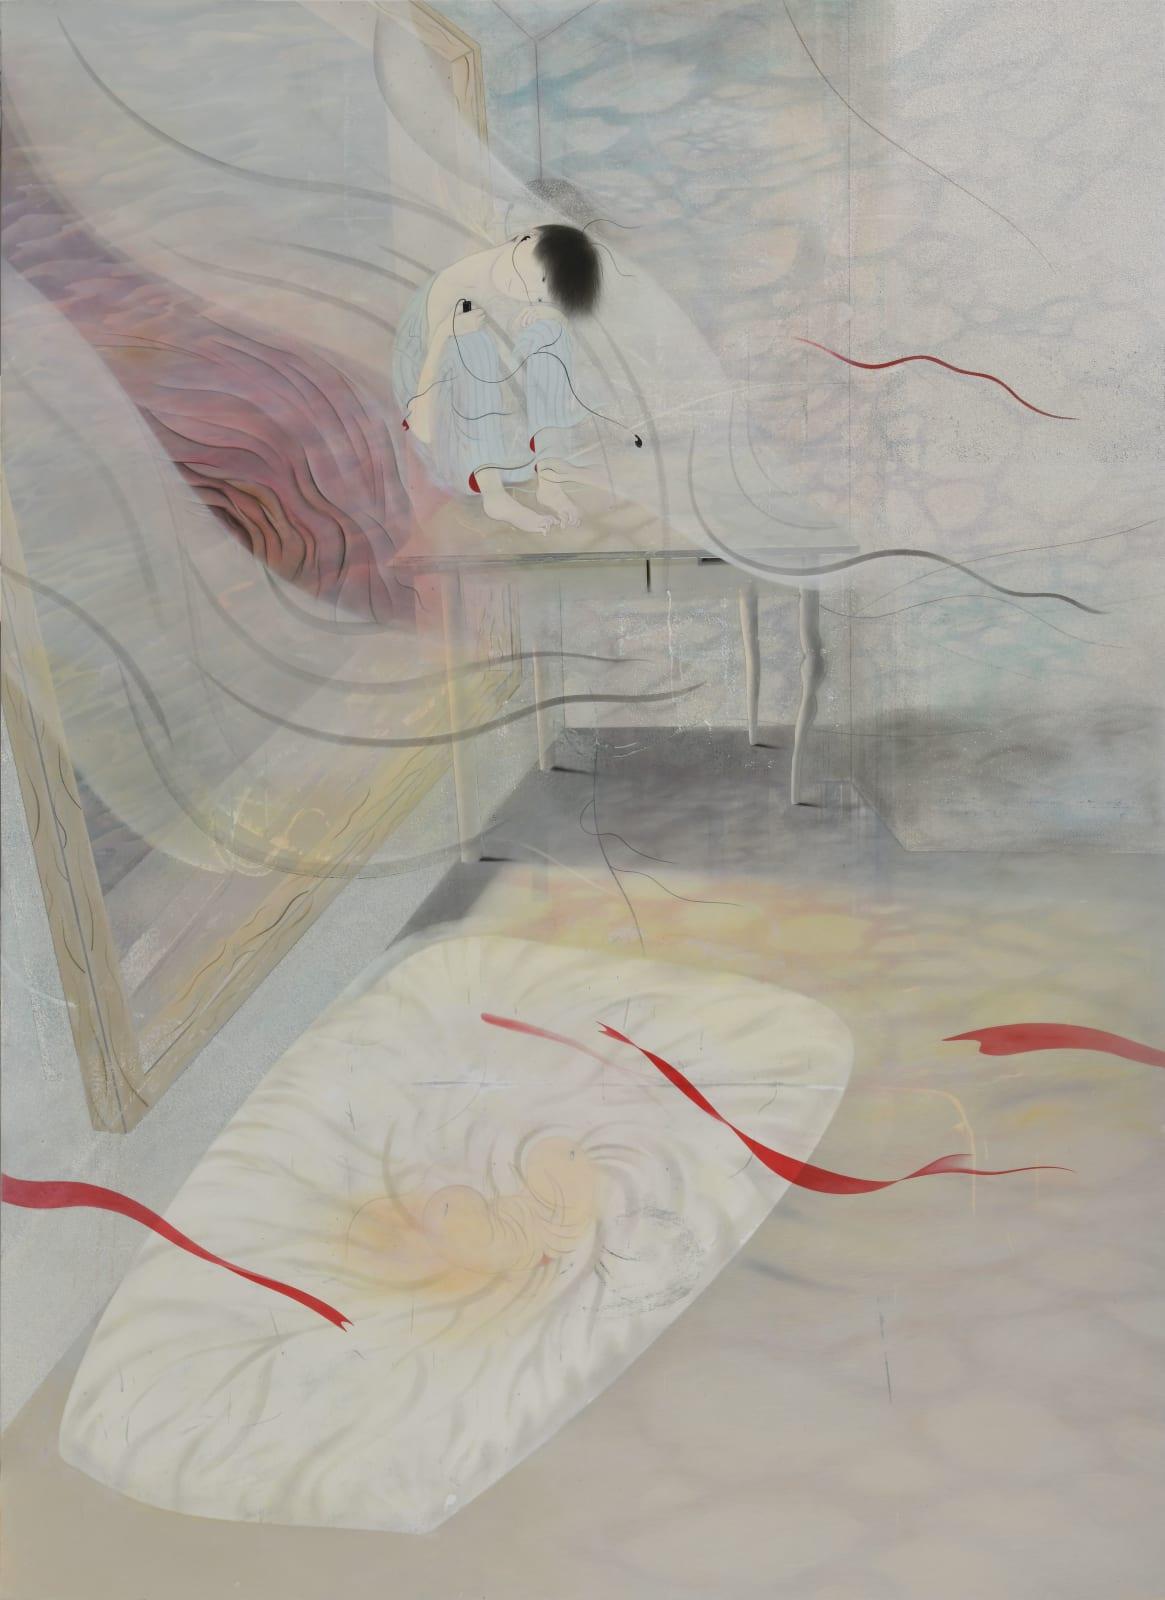 Tomoko Kashiki, Moon and Earphone, 2020 | Ota Fine Arts